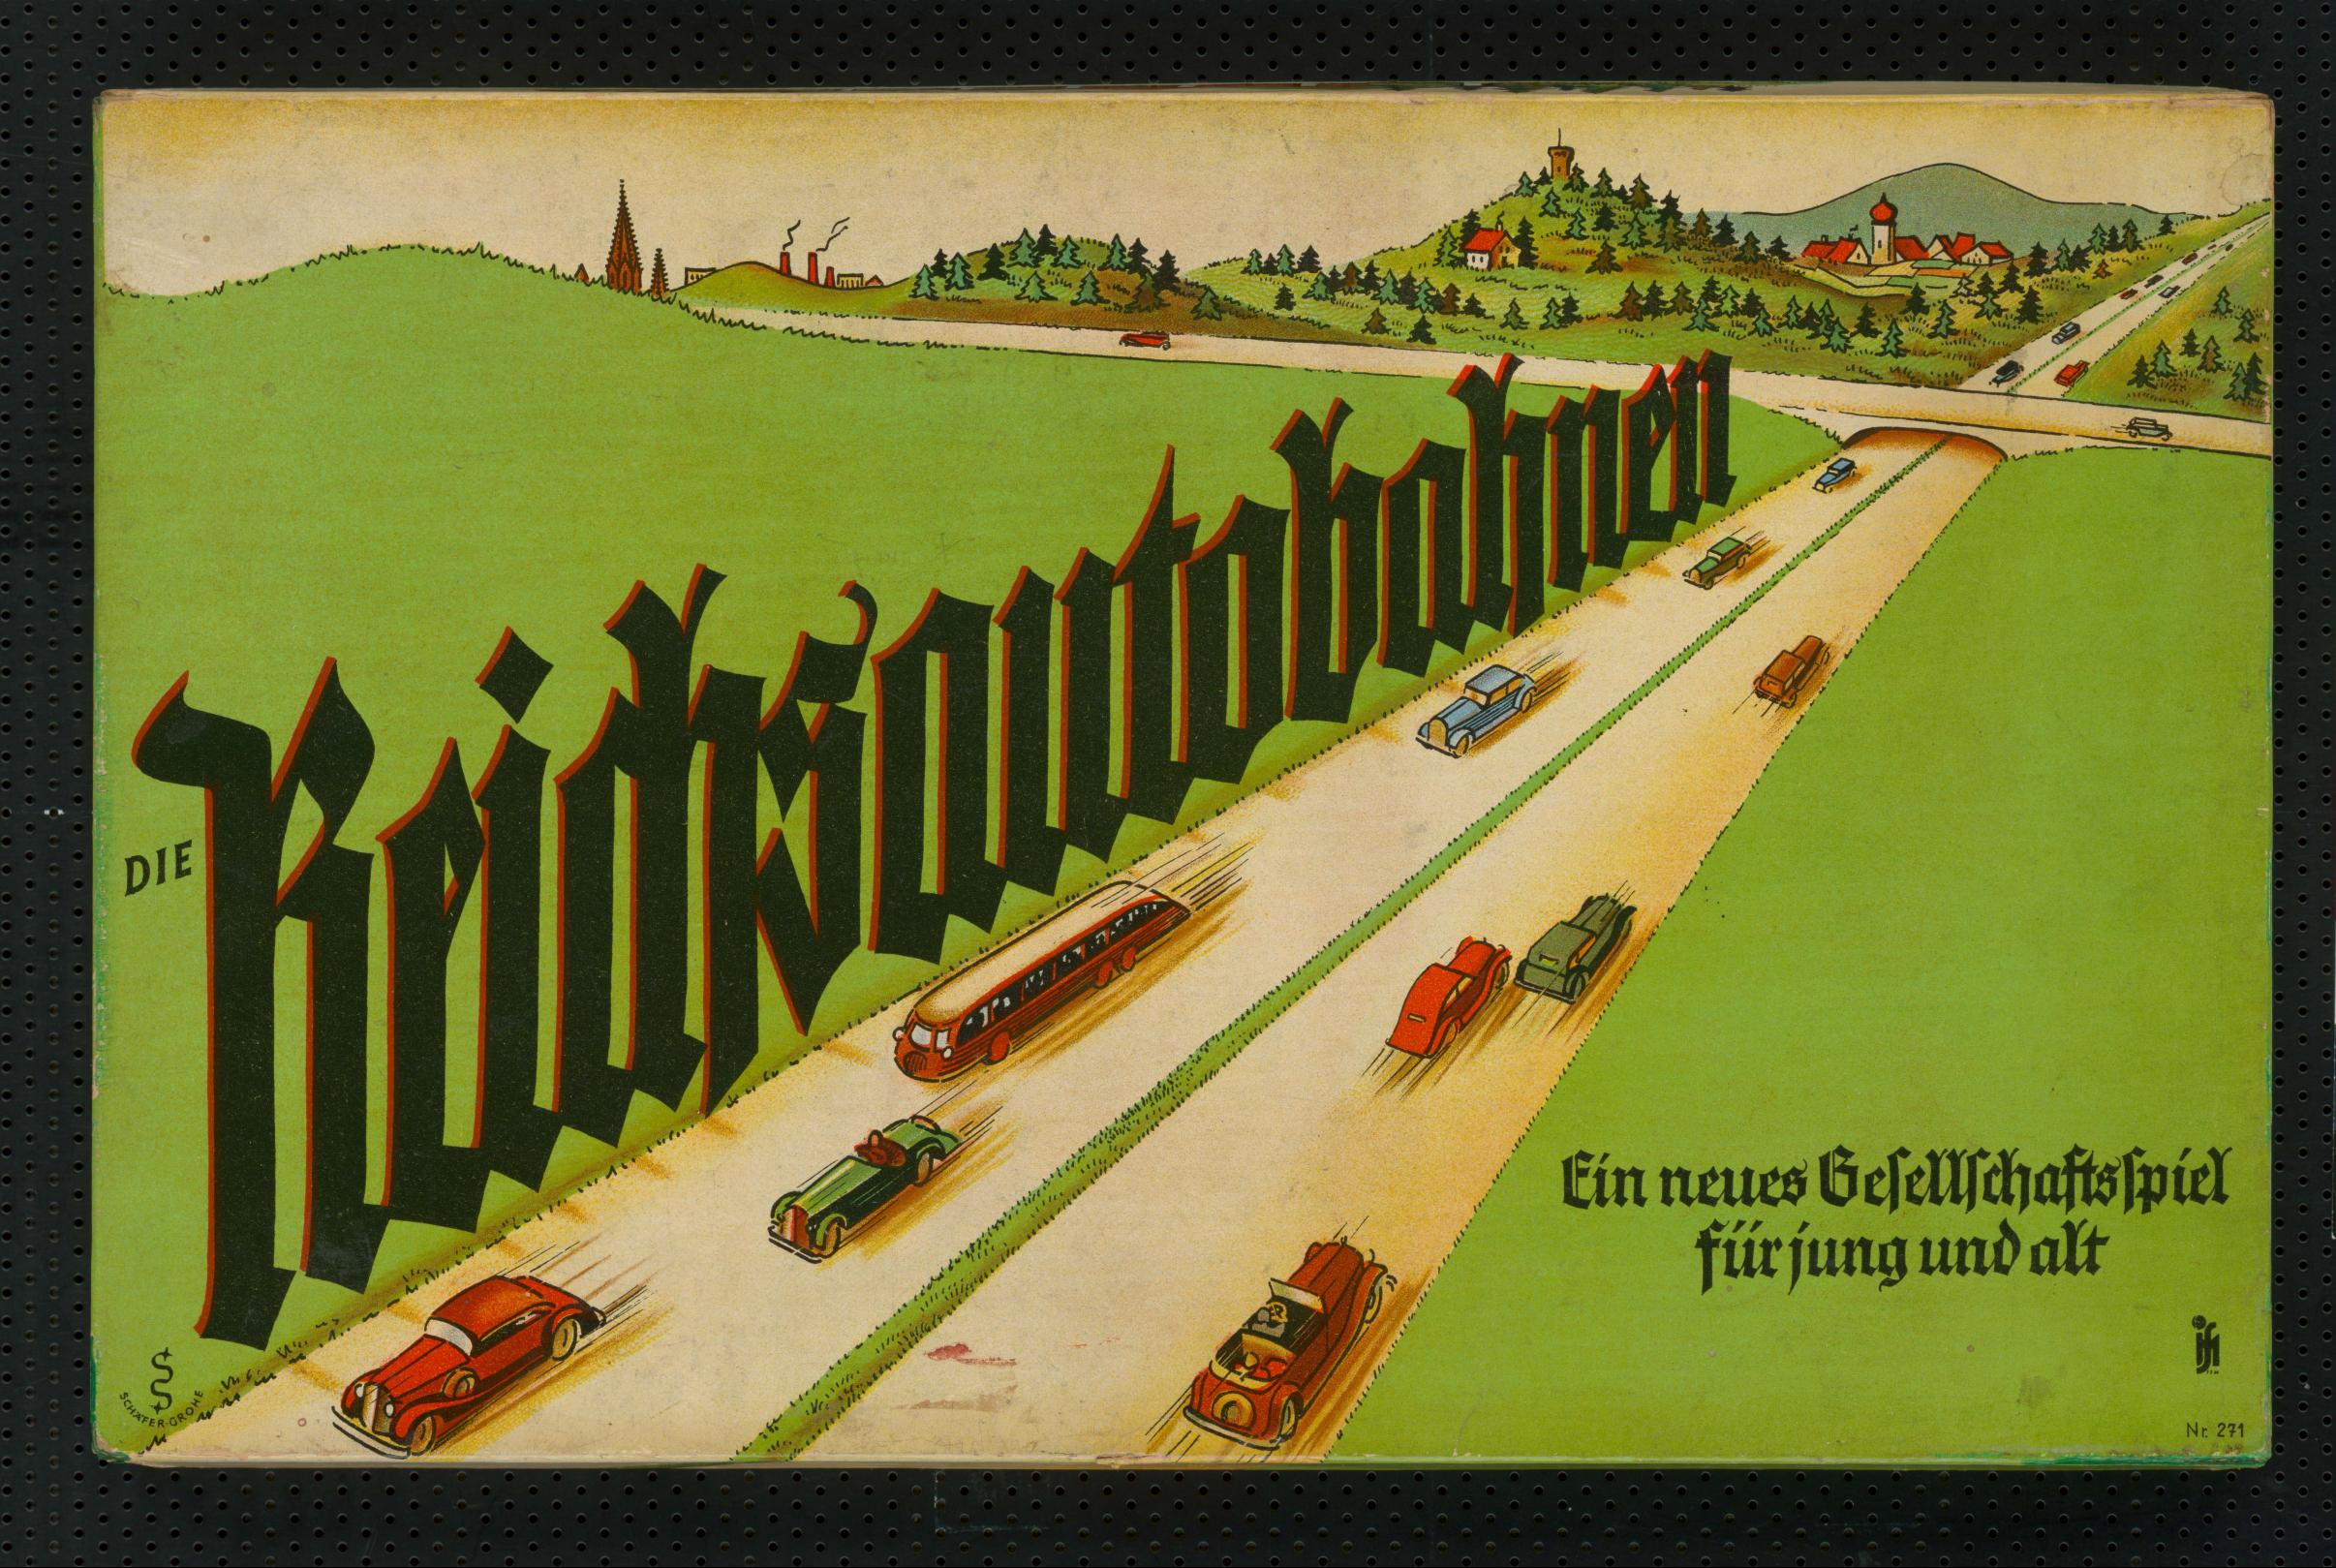 ,Die Reichsautobahnen', um 1935. – SBB-PK, Signatur Kart. W 29946/5. – Foto: Hagen Immel, SBB-PK / Lizenz: CC BY-NC-SA 3.0